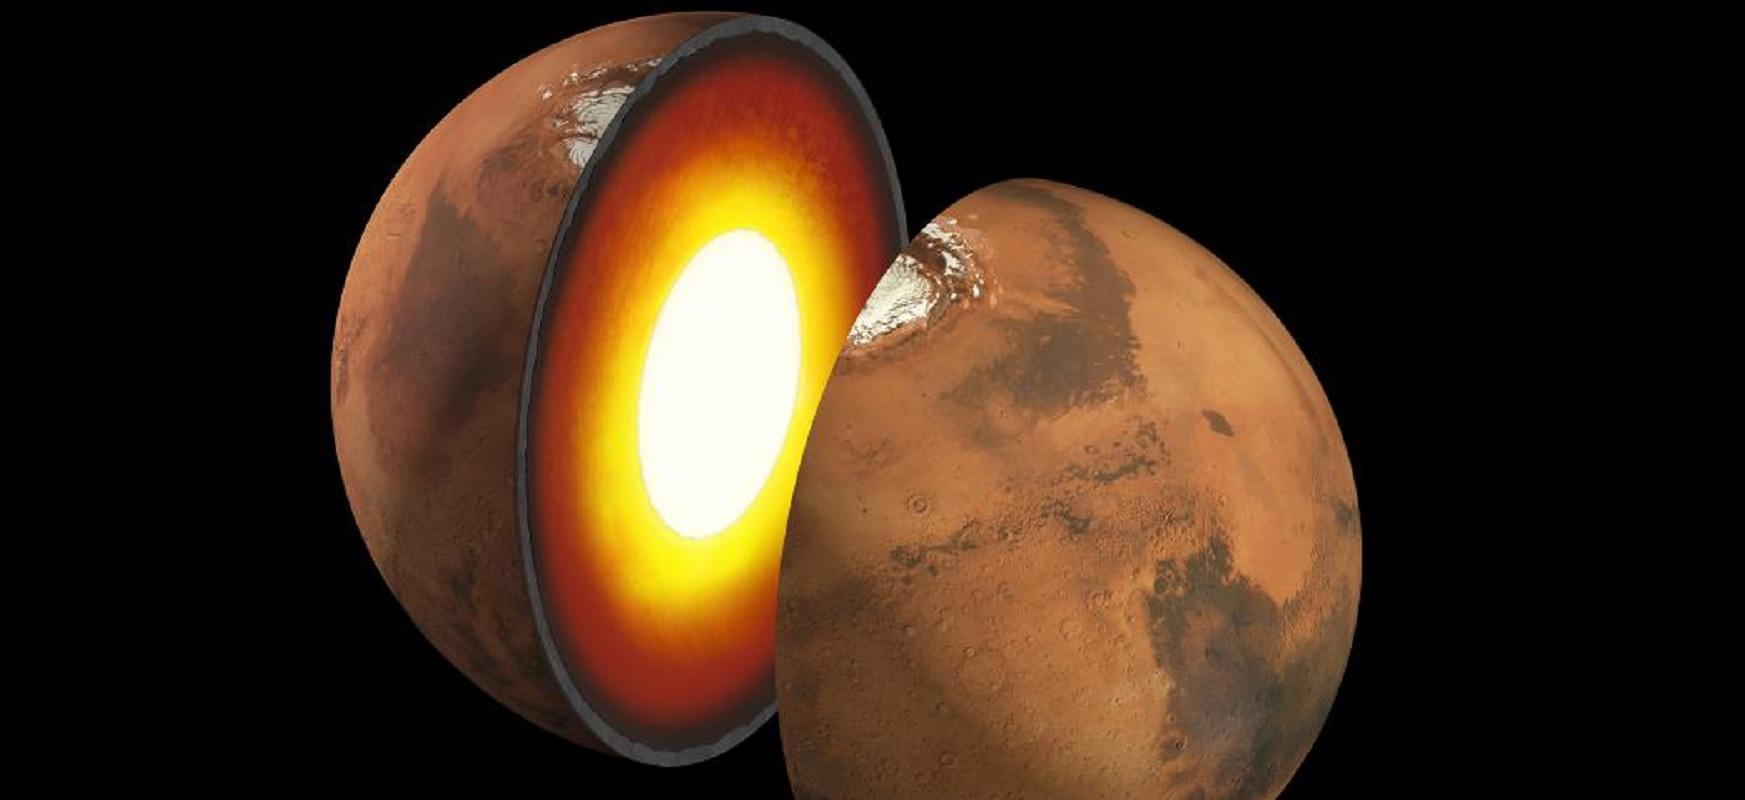 Marten sismometro bat dago.  Simulazio emaitzak Lurrean ditugu.  Laster Planeta Gorriaren barrualdea ikasiko dugu